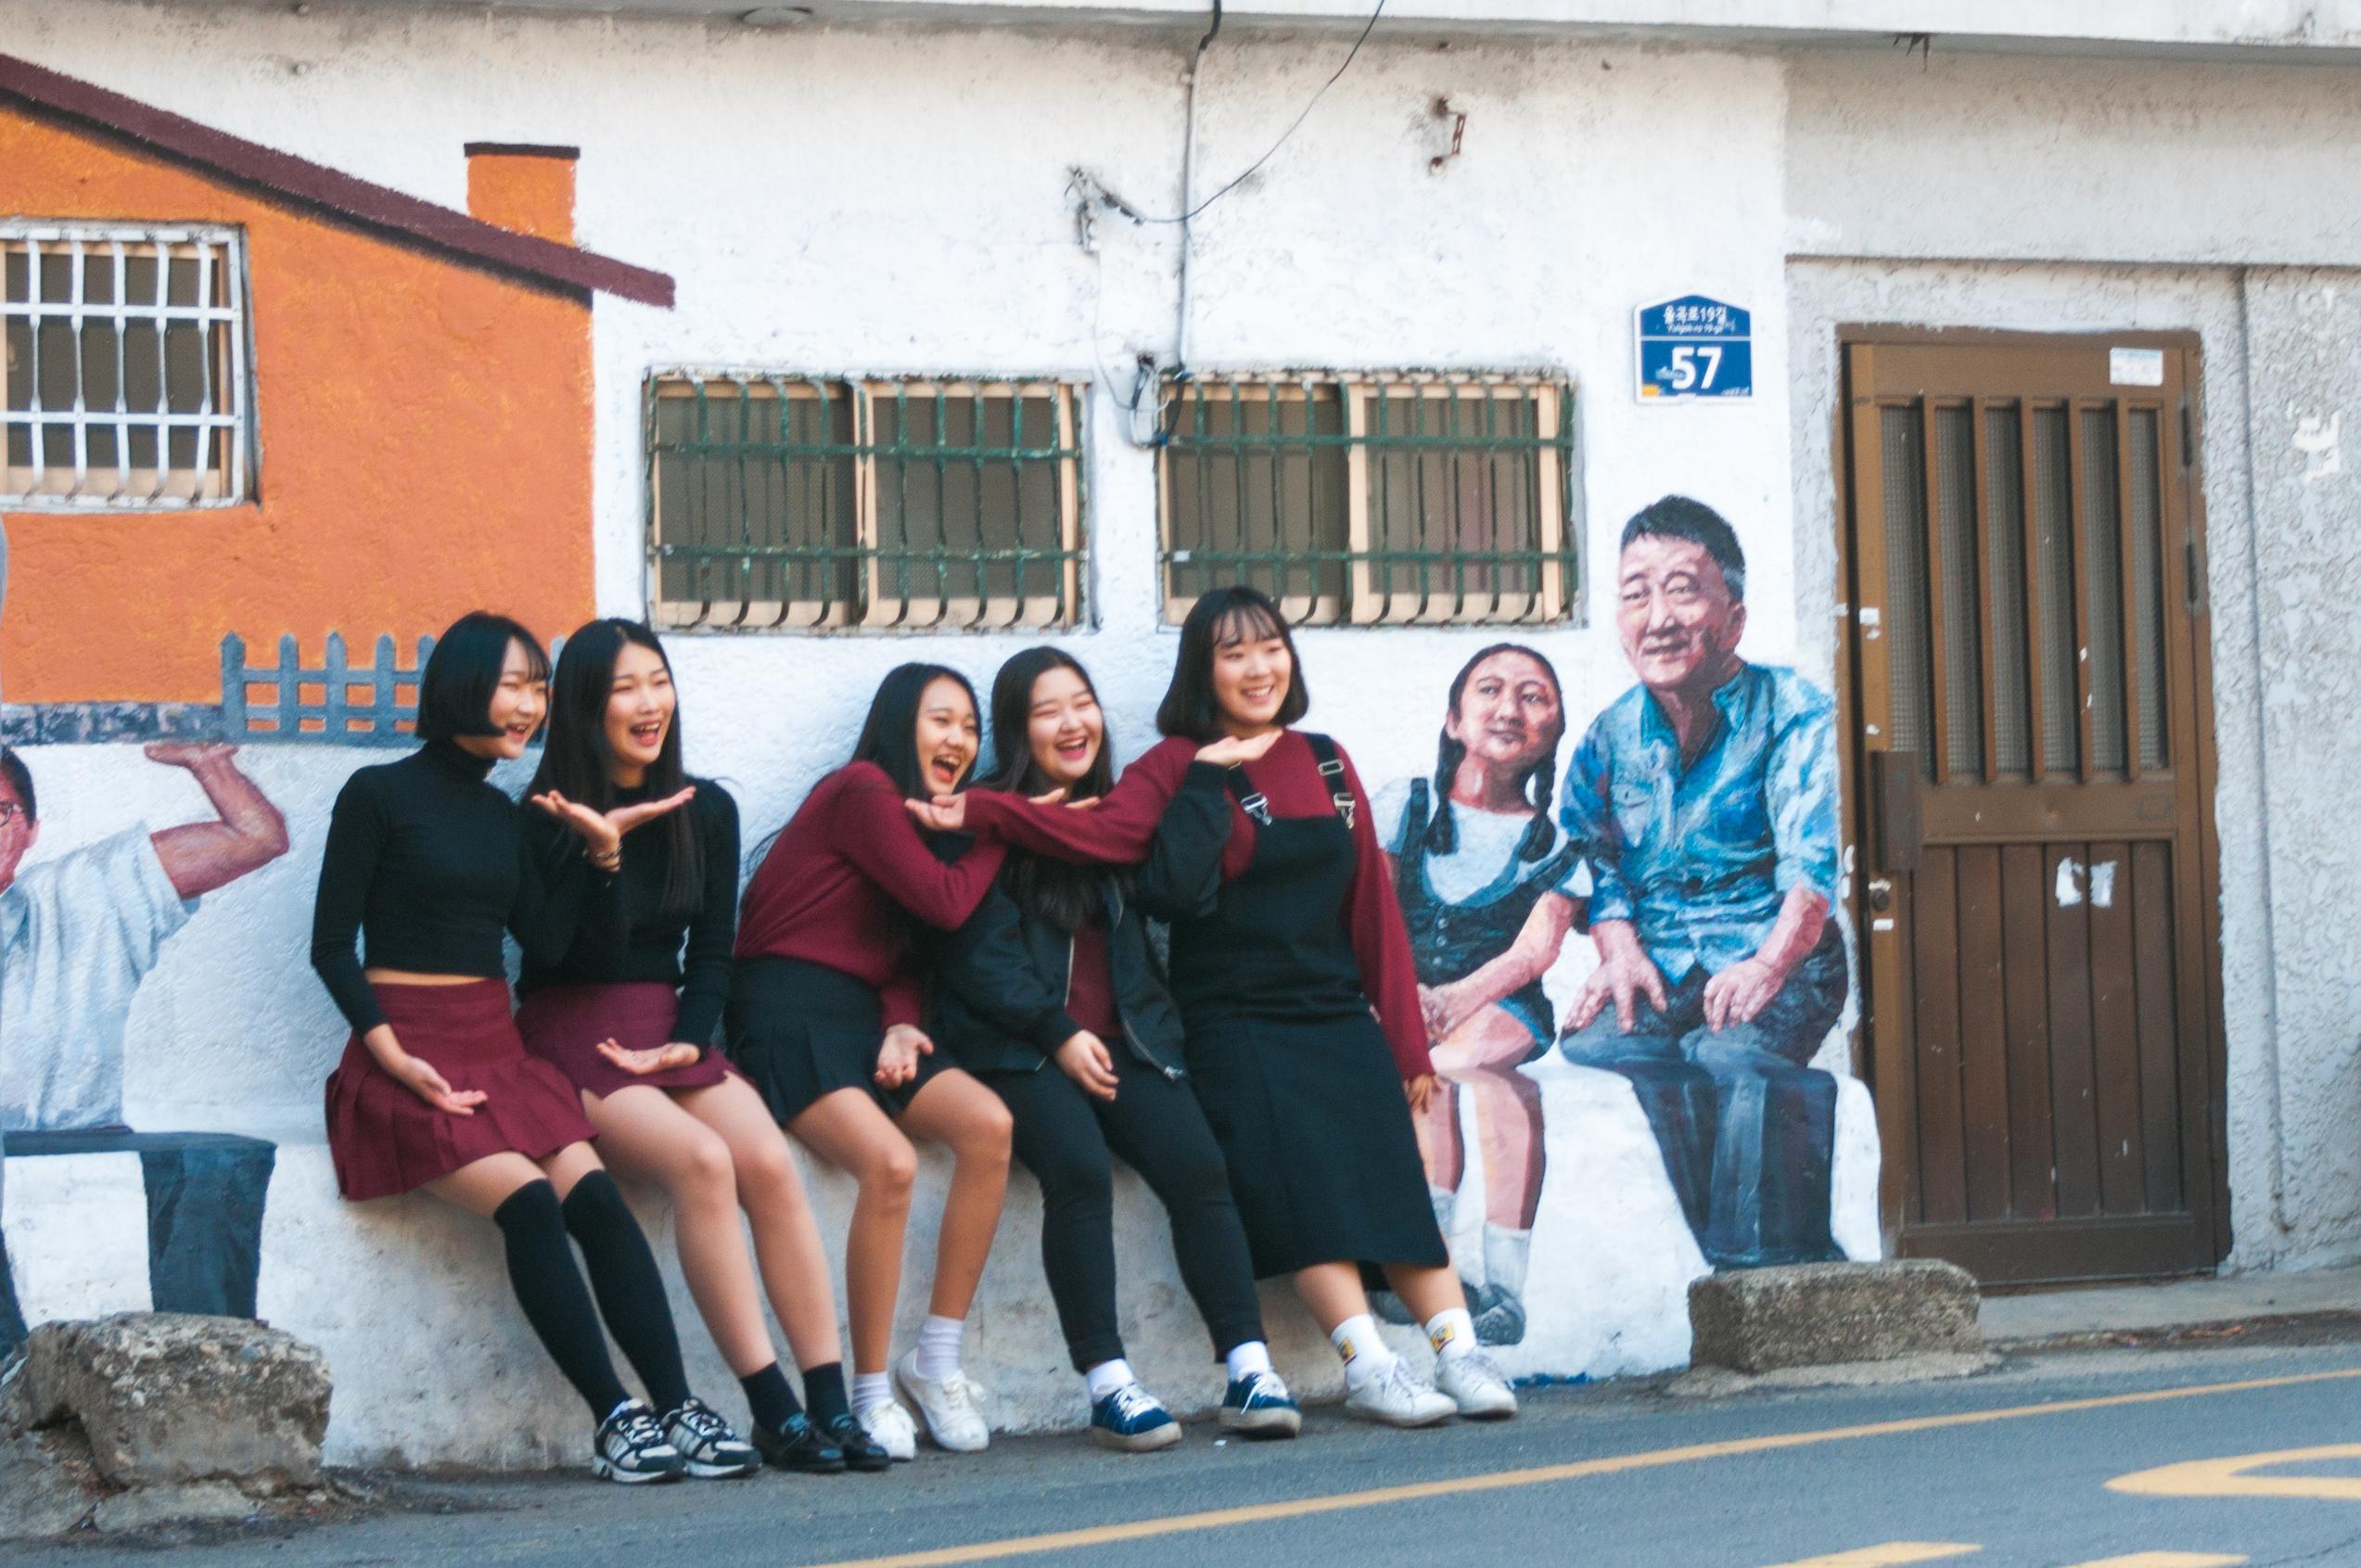 сЕУЛ Тем временем в Сеуле: о переезде украинской семьи в Южную Корею DSC3591